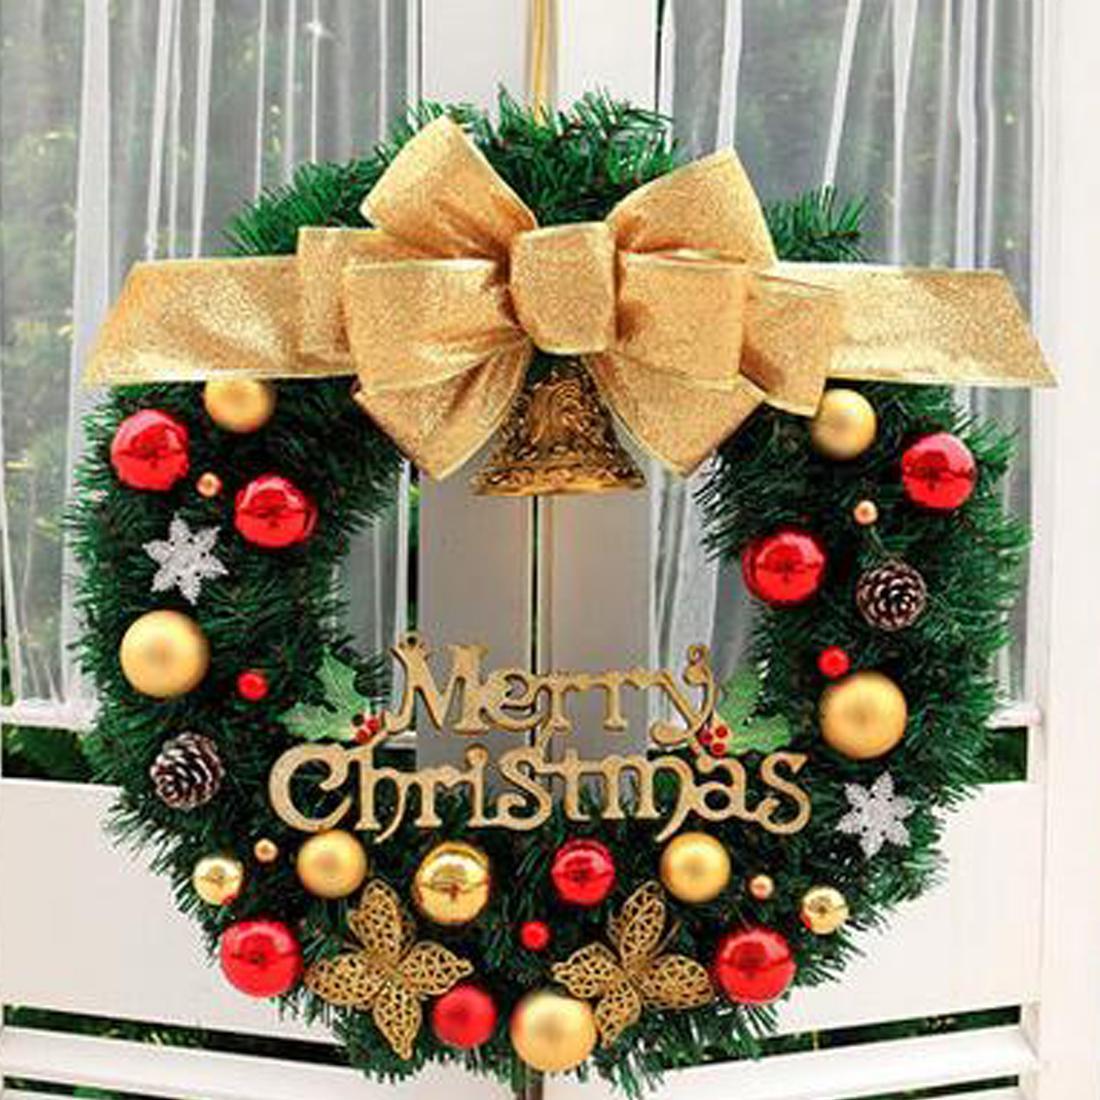 New Arrival Nowy Rok Boże Narodzenie Dekoracje Do Drzwi Domu I Okna Dekoracje Boże Narodzenie Wieniec Luksusowe Wesołych Świąt Party